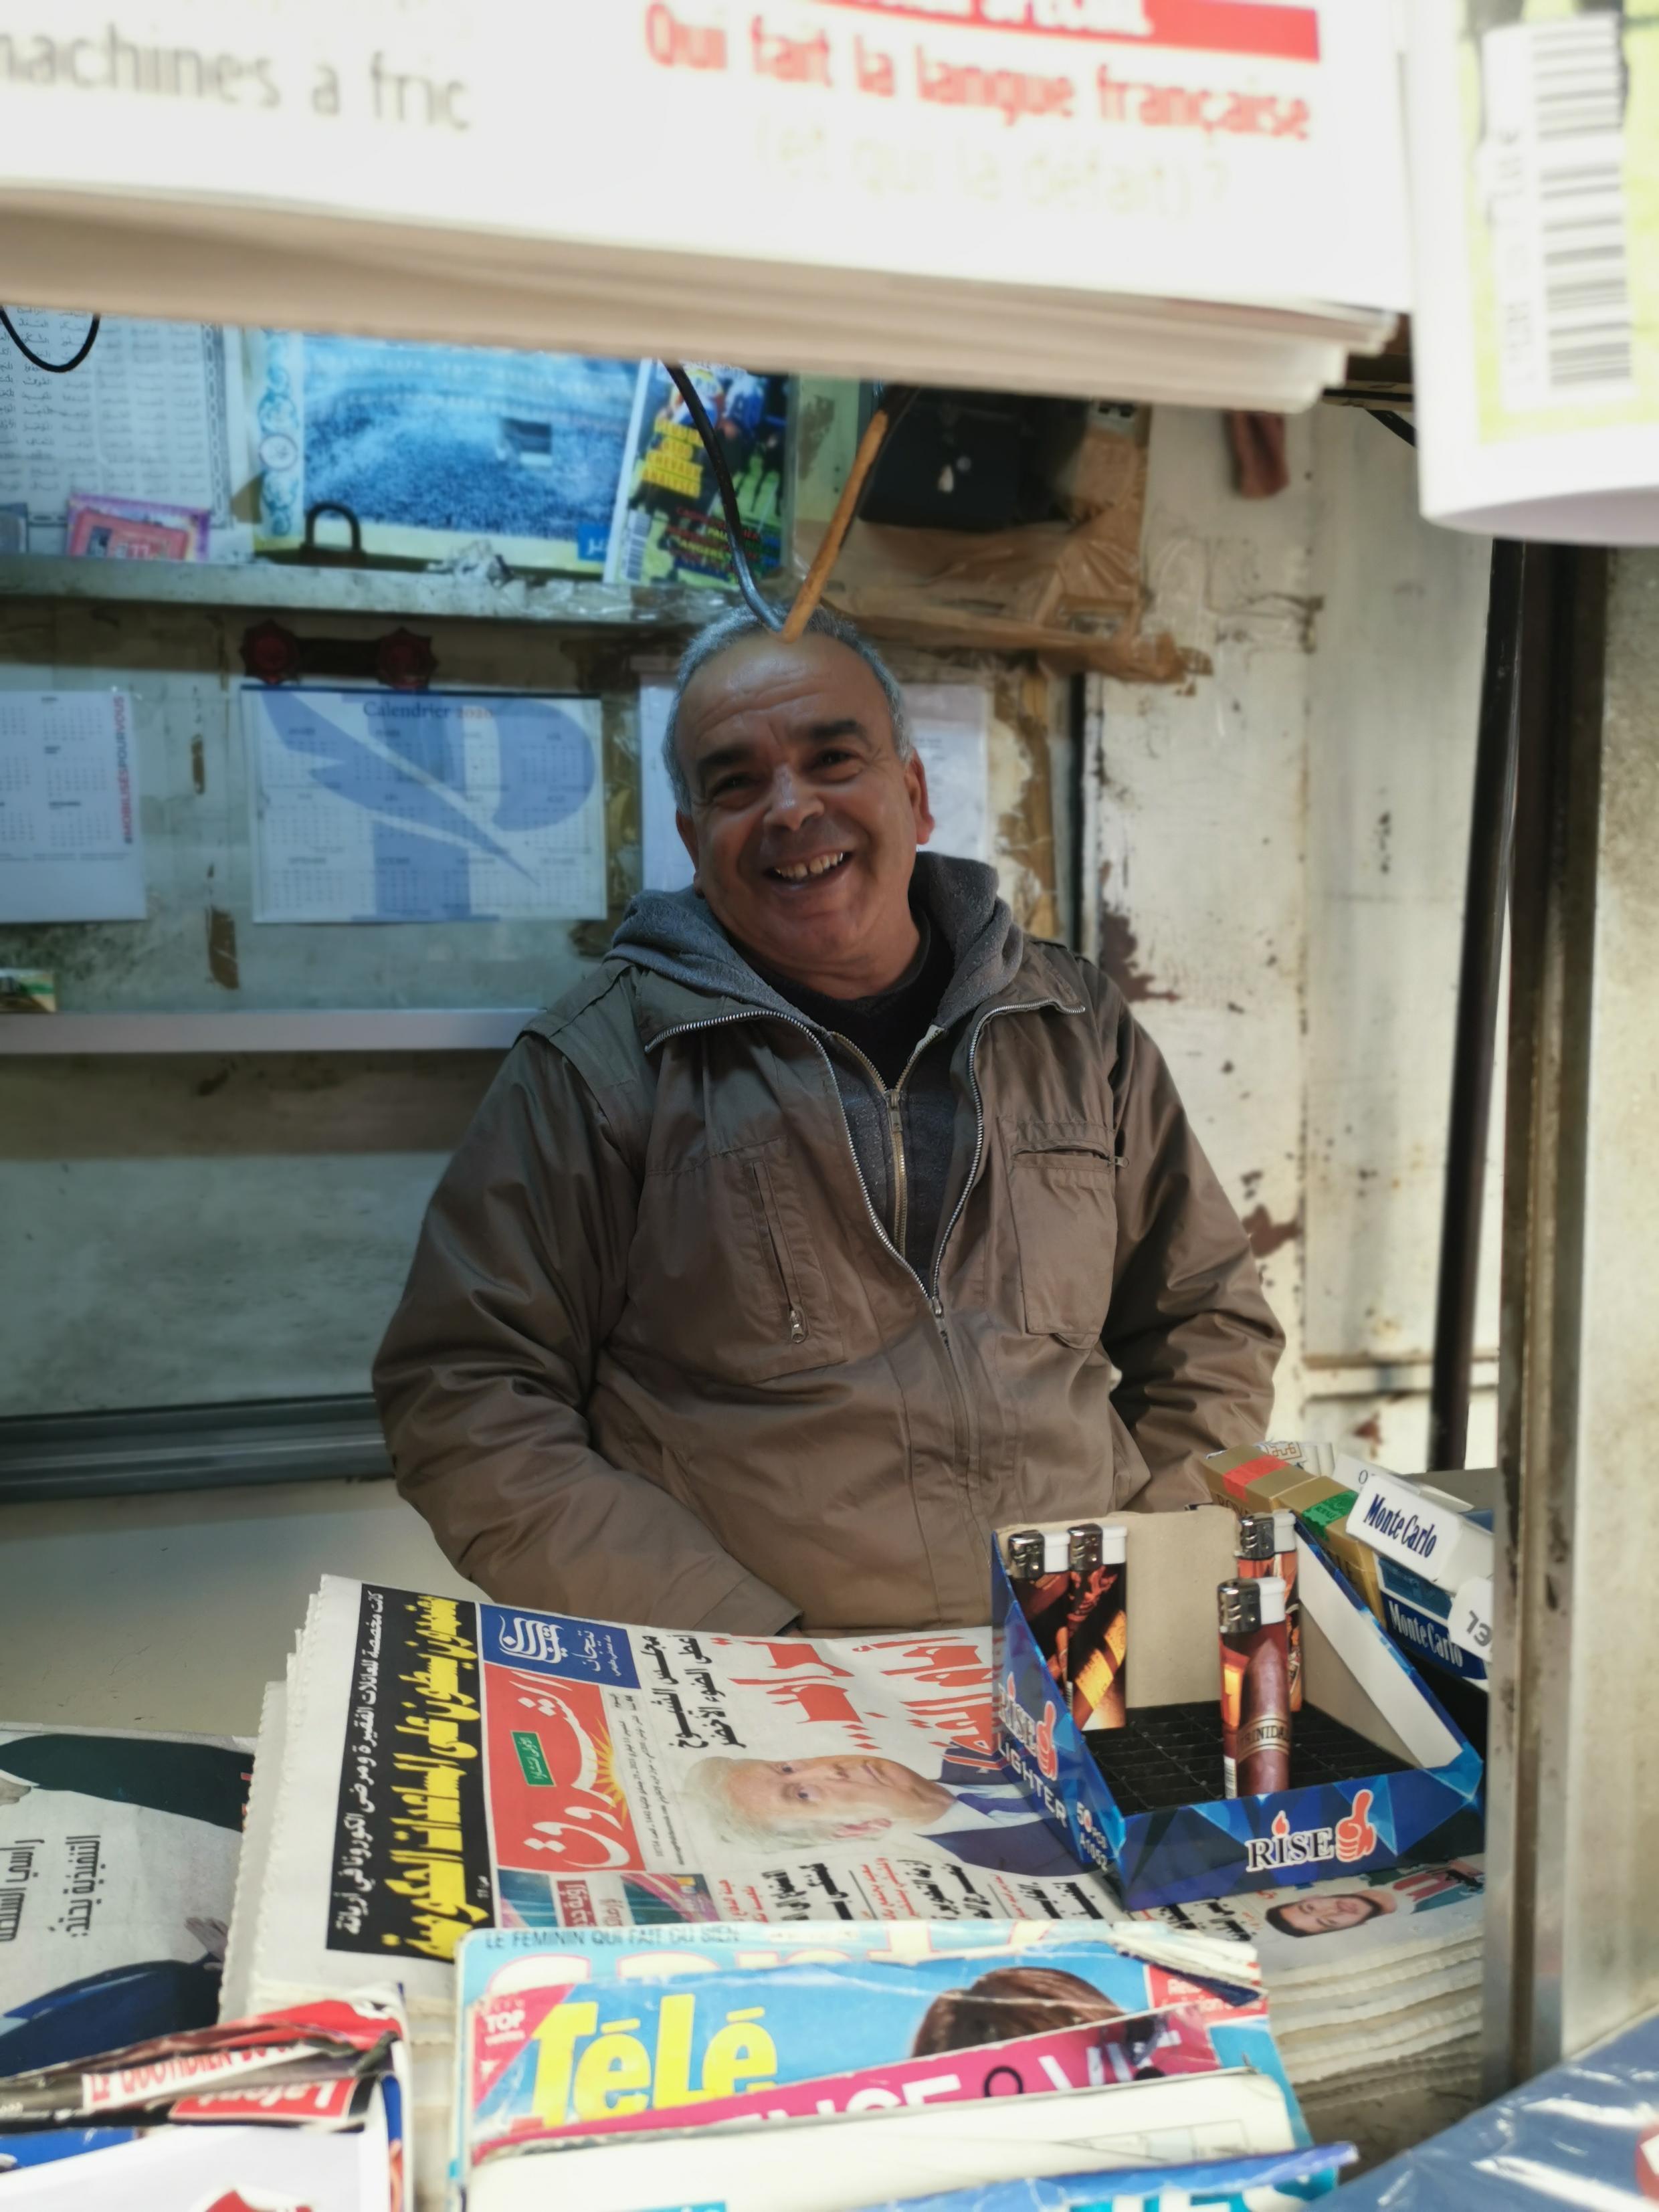 برهان بائع صحف في شارع باريس بتونس العاصمة 11 شباط 2021